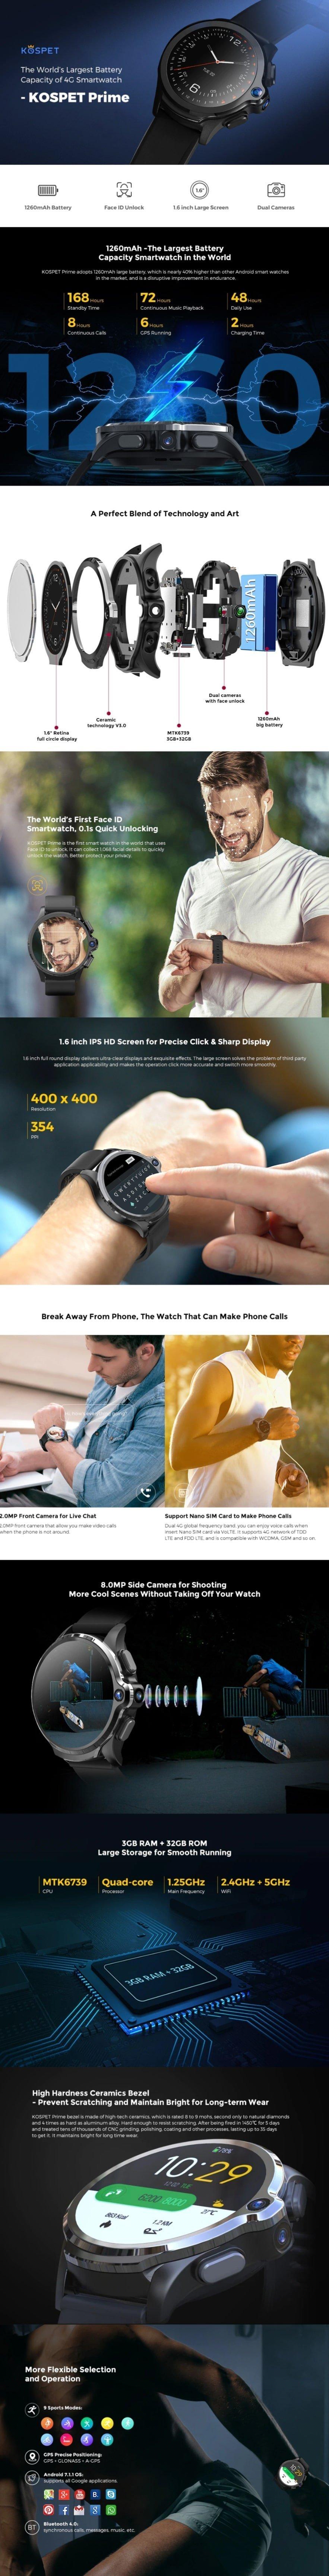 Black Friday Sale - KOSPET Prime 4G Smart Watch